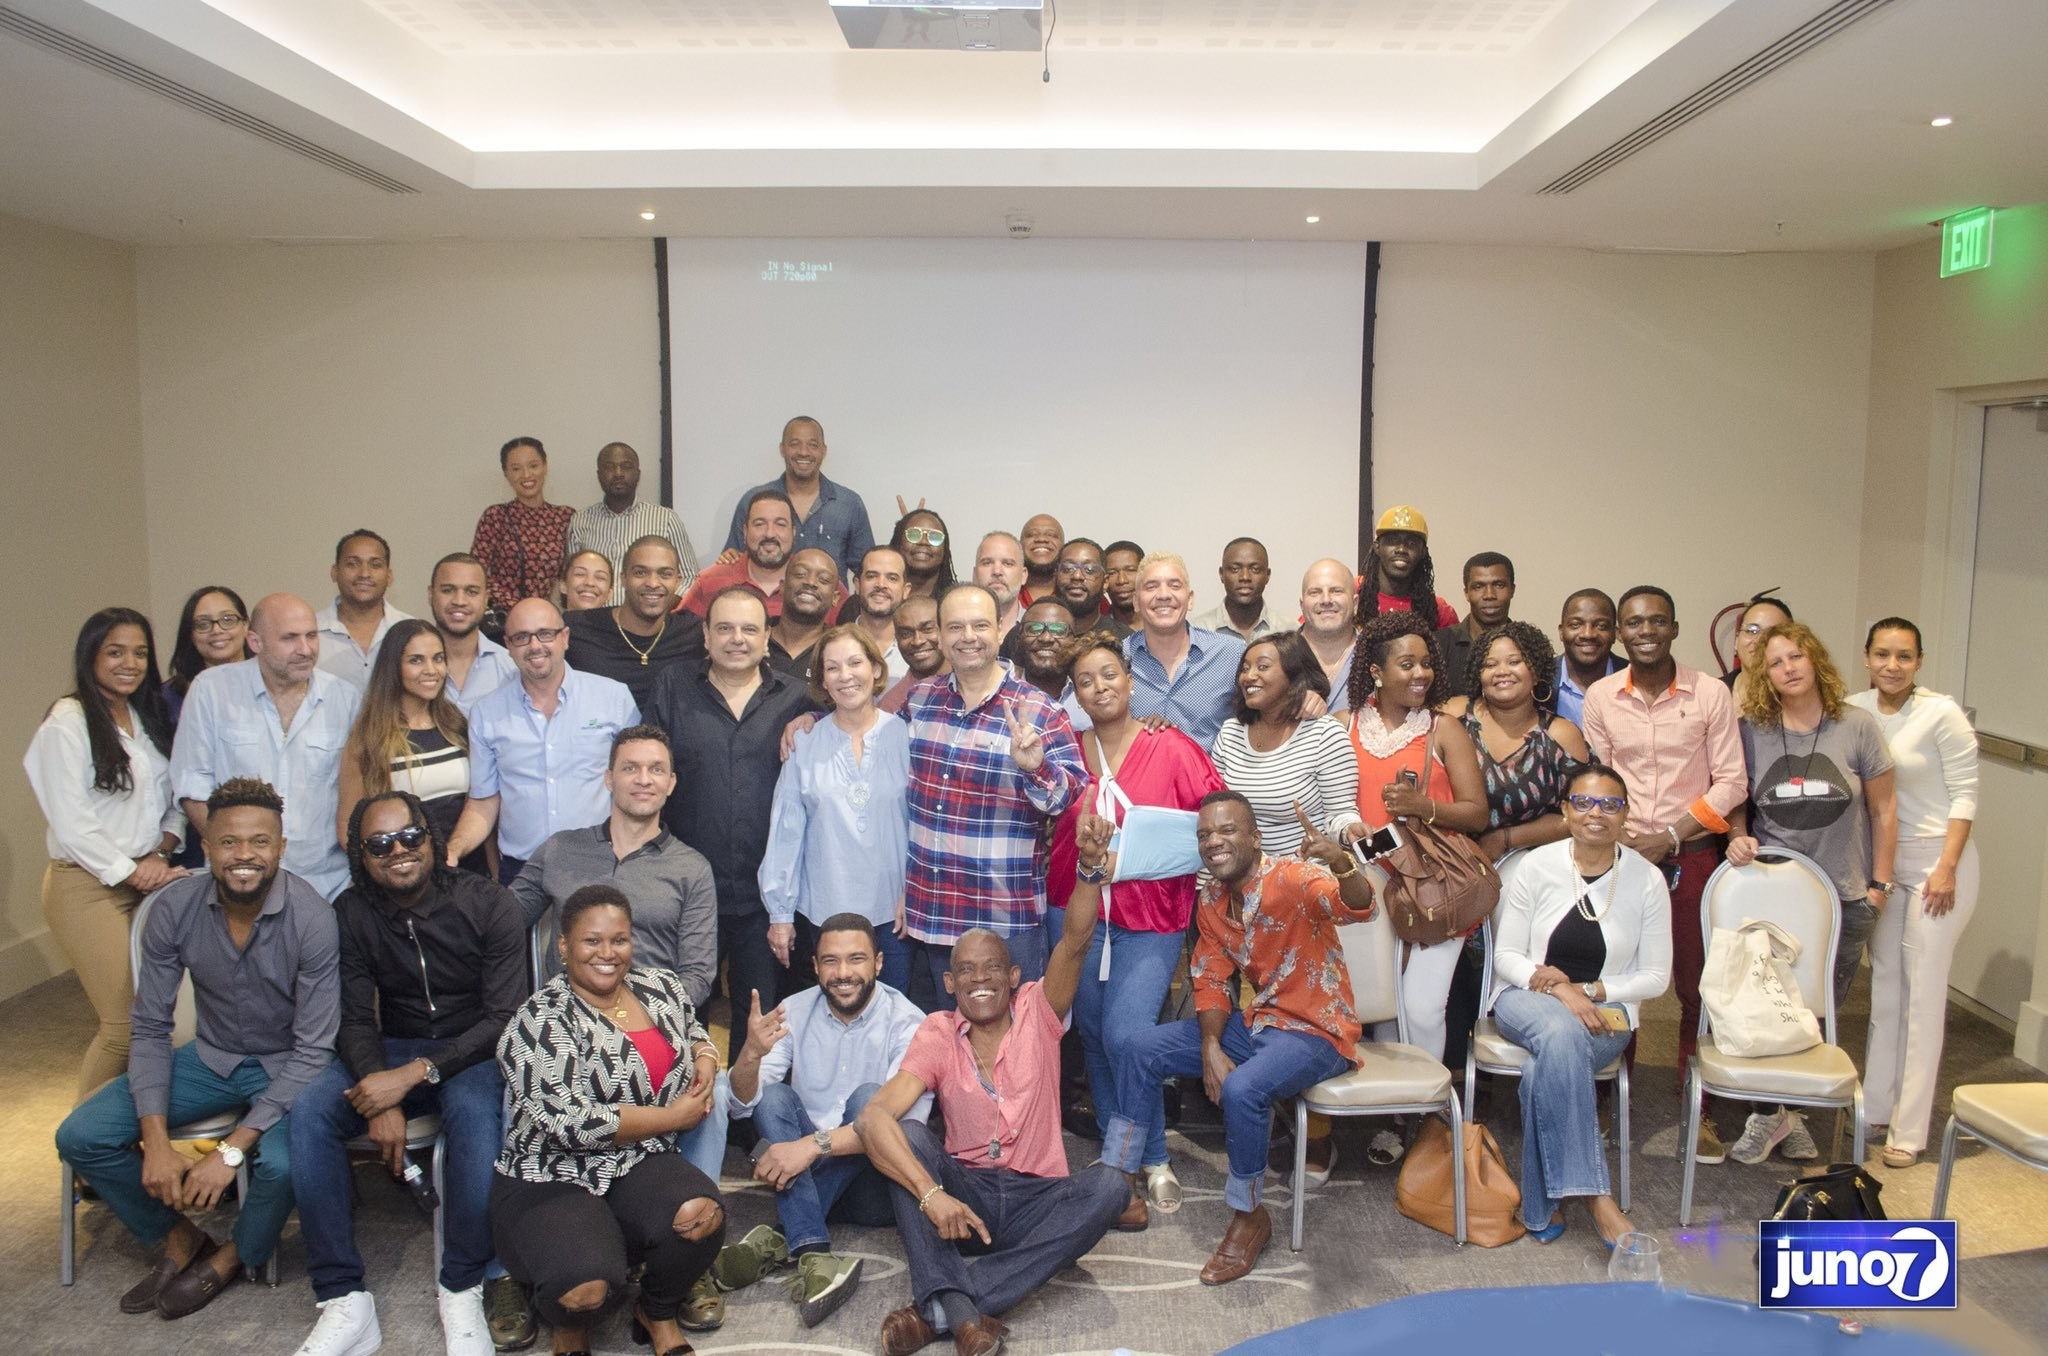 Les artistes et entrepreneurs du secteur privé, unis pour un projet d'hôpital 27